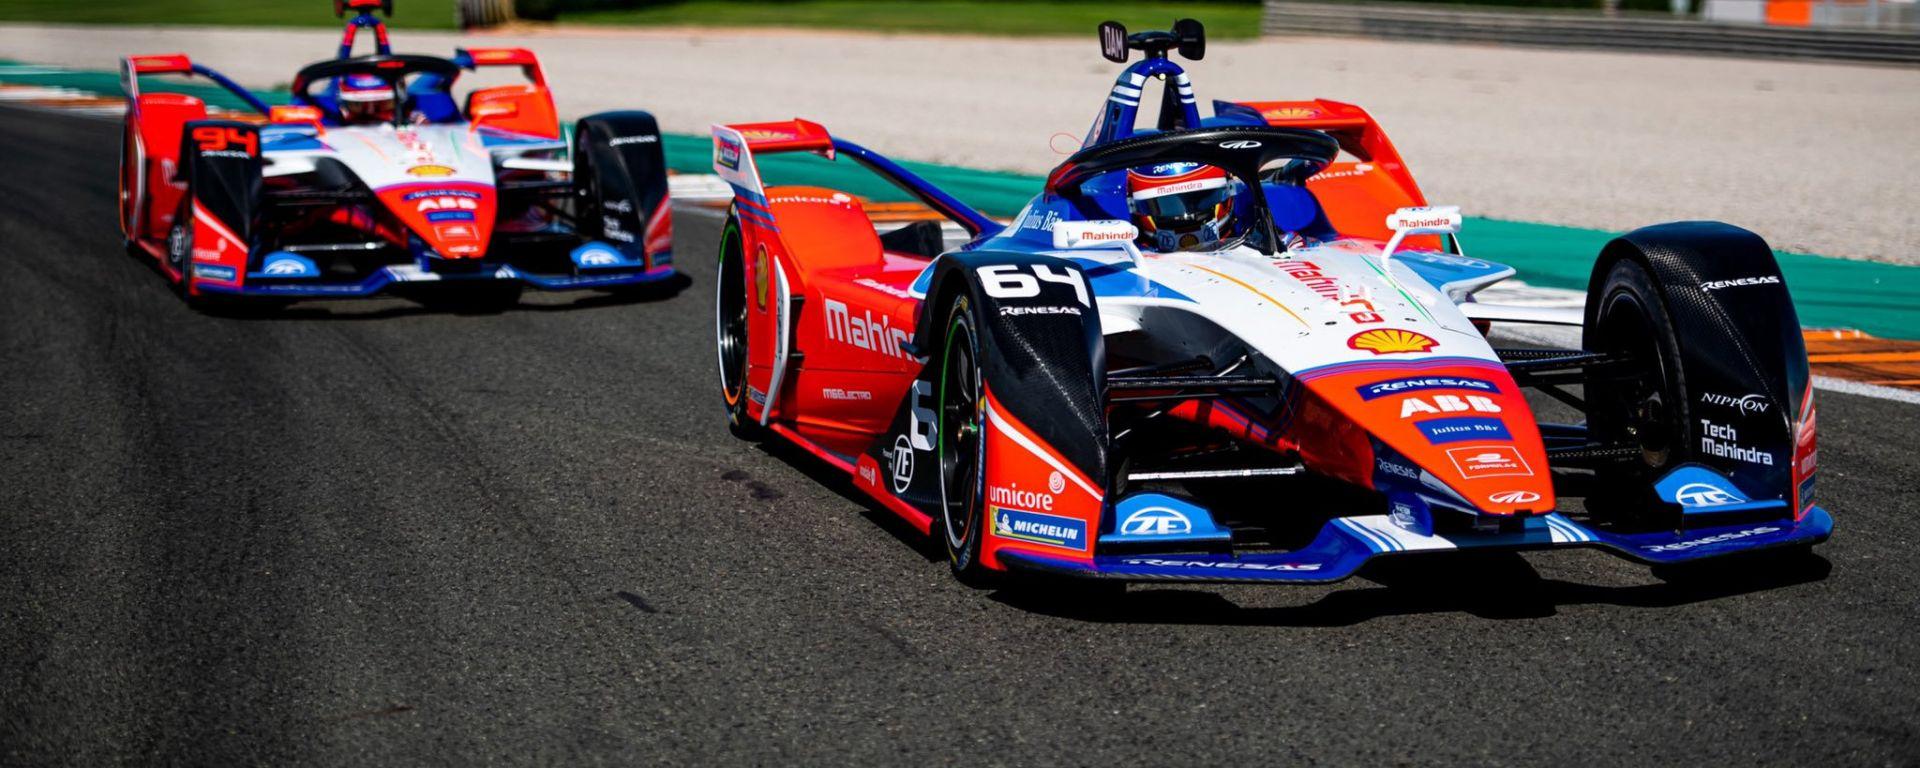 Formula E 2019-2020, la nuova Mahindra M6Electro di Jerome D'Ambrosio e Pascal Wehrlein